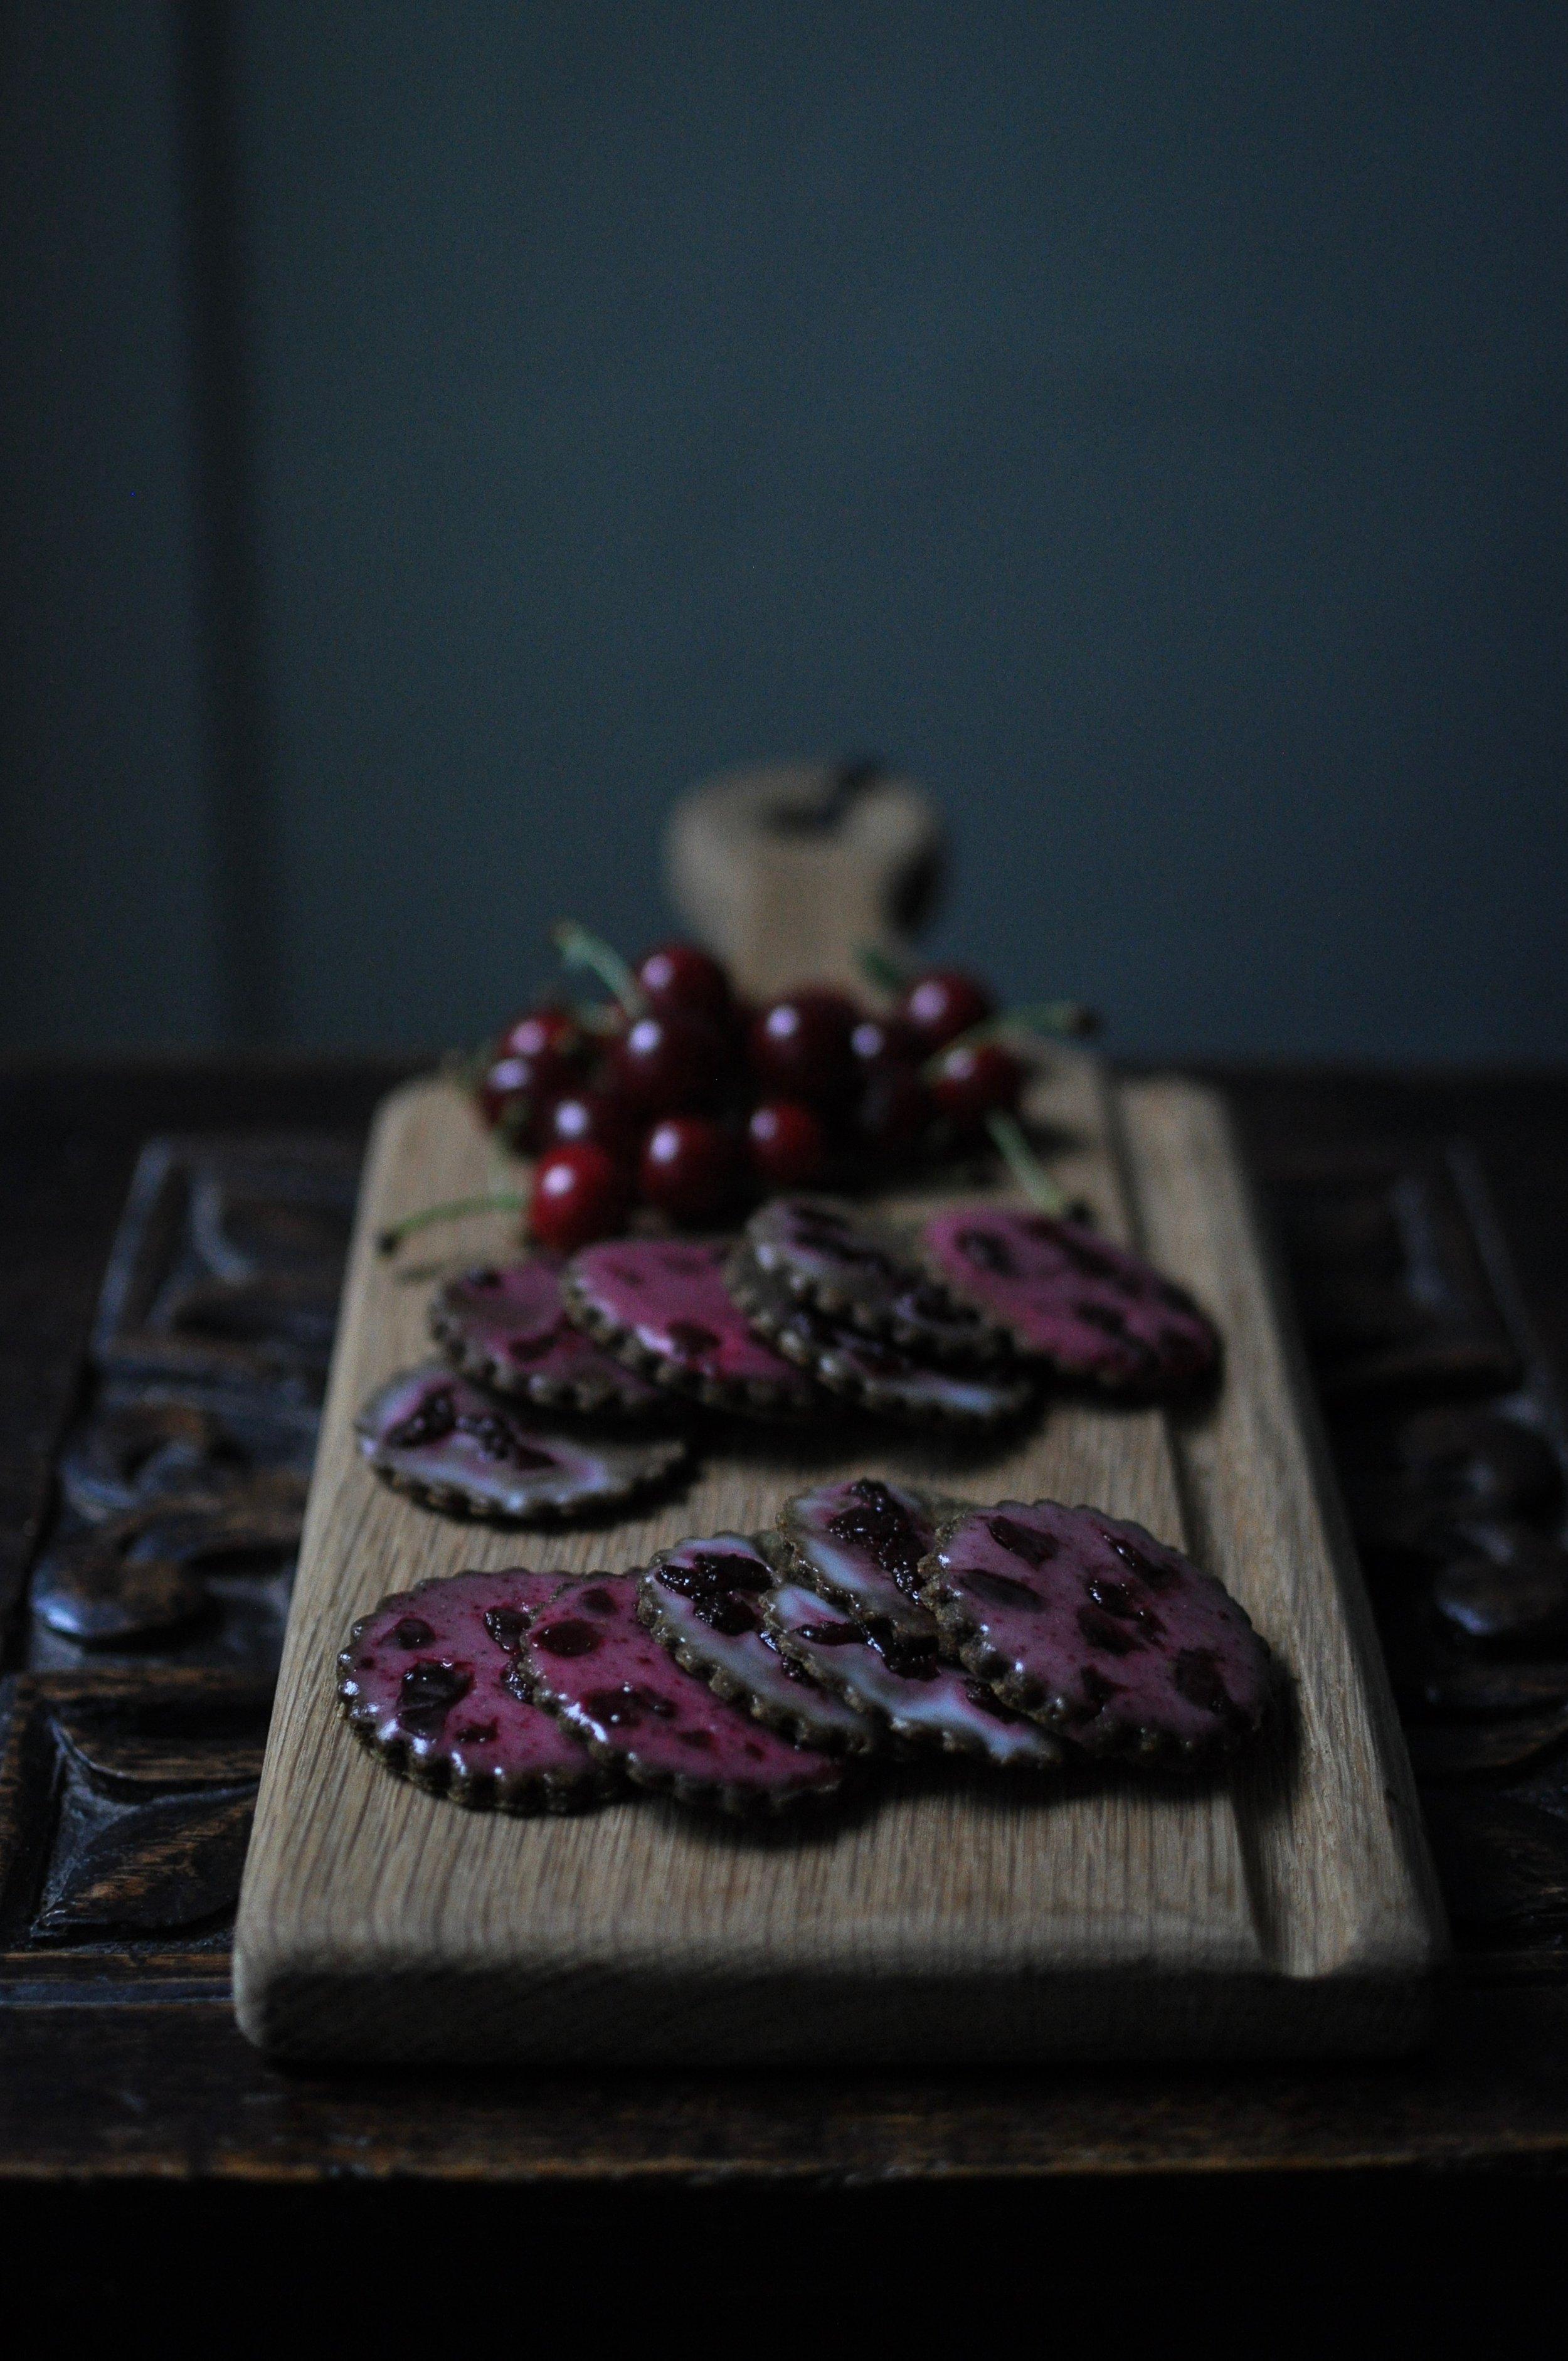 EMOSIWN Cherry Biscuits #1Lreddsc_1740.JPG